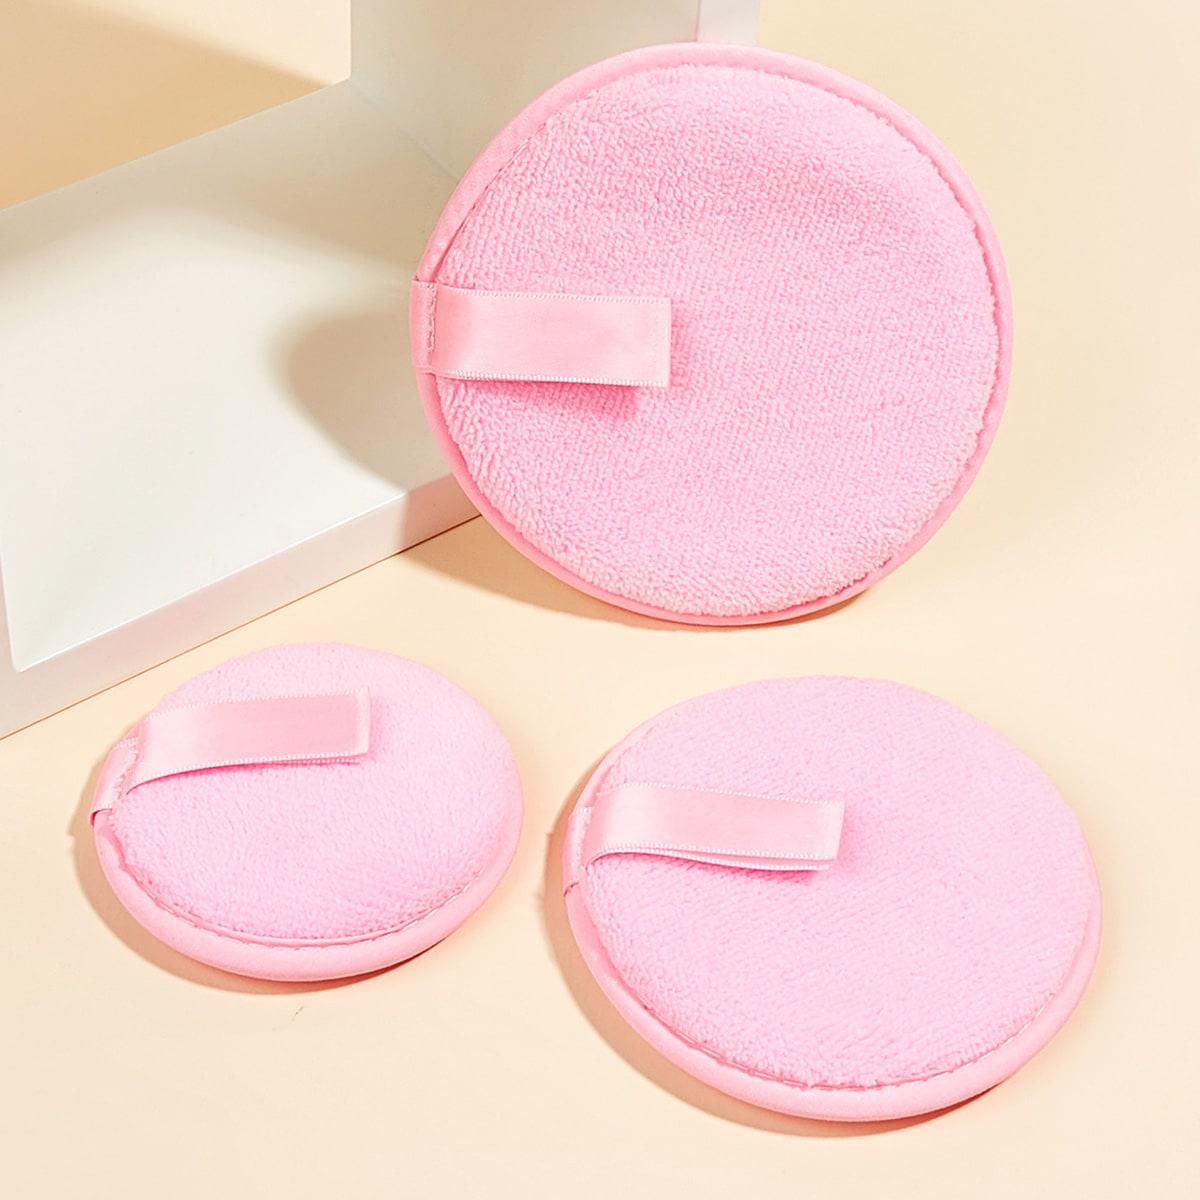 3шт пуховка для снятия макияжа